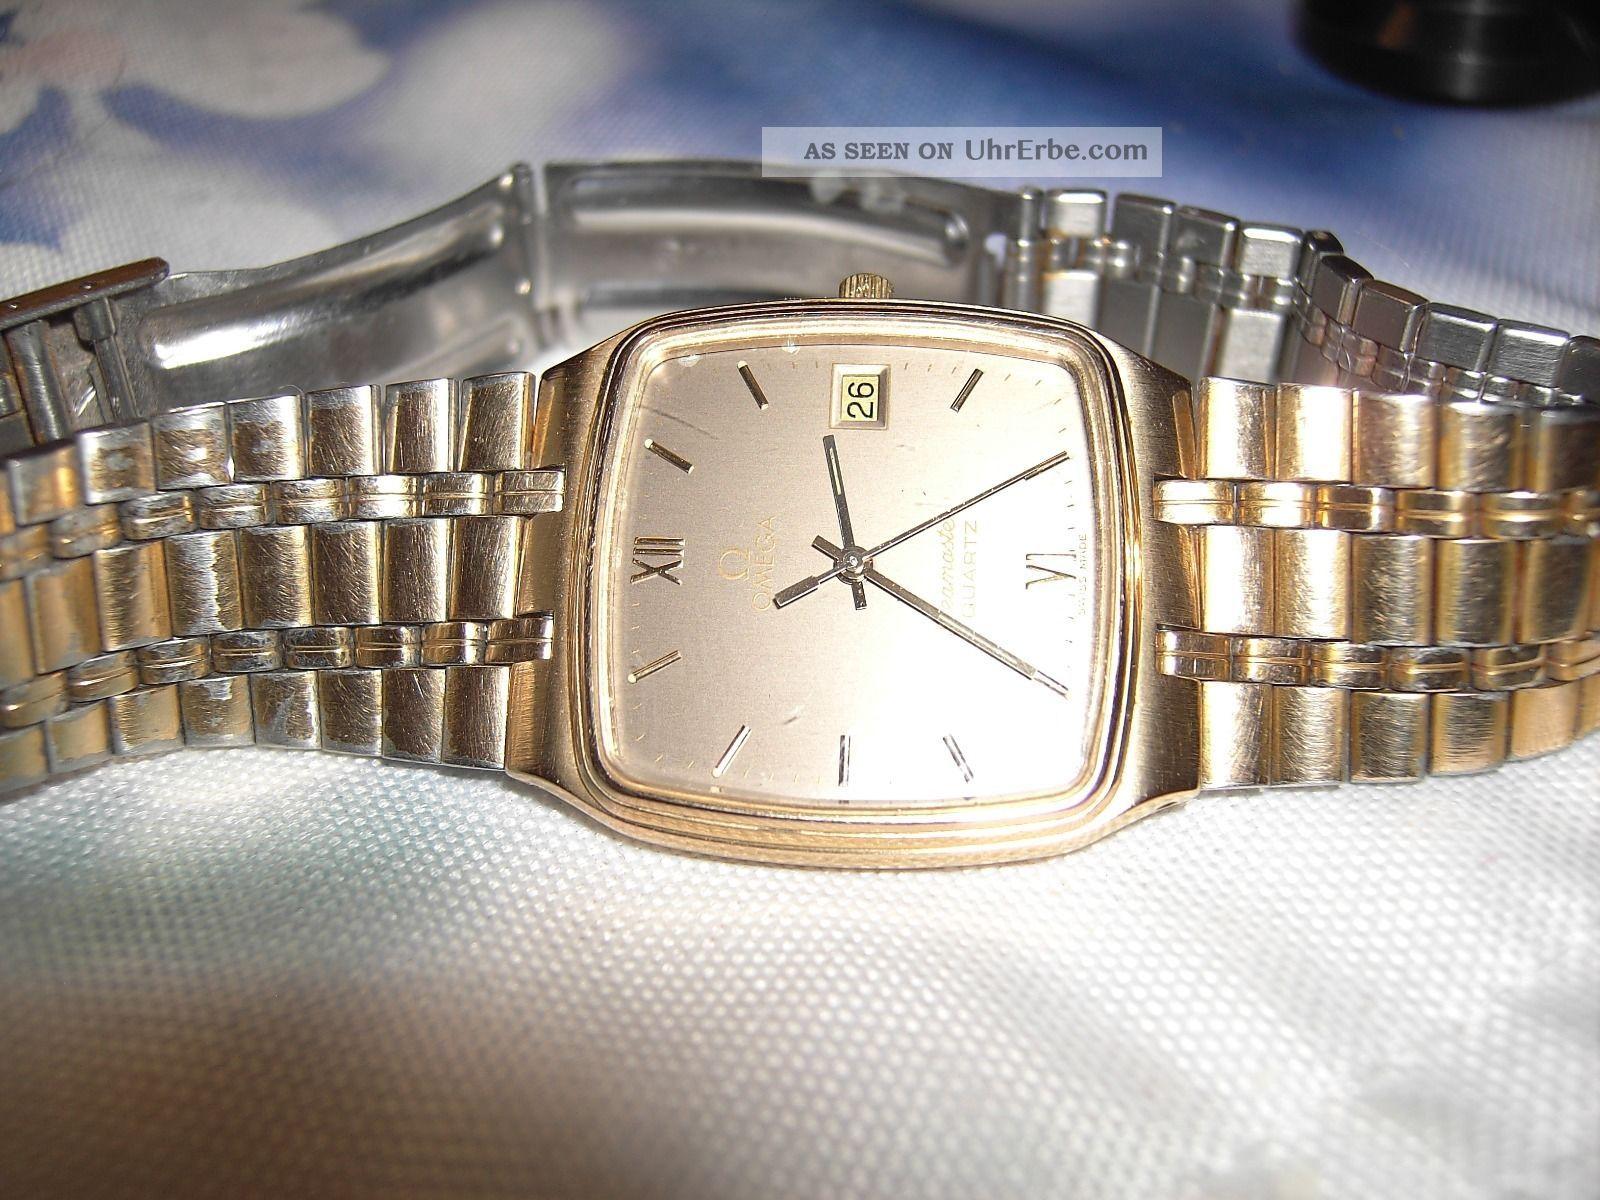 Ich Biete Hier Eine Sehr Schöne Omega Herren Armbanduhr An. Armbanduhren Bild